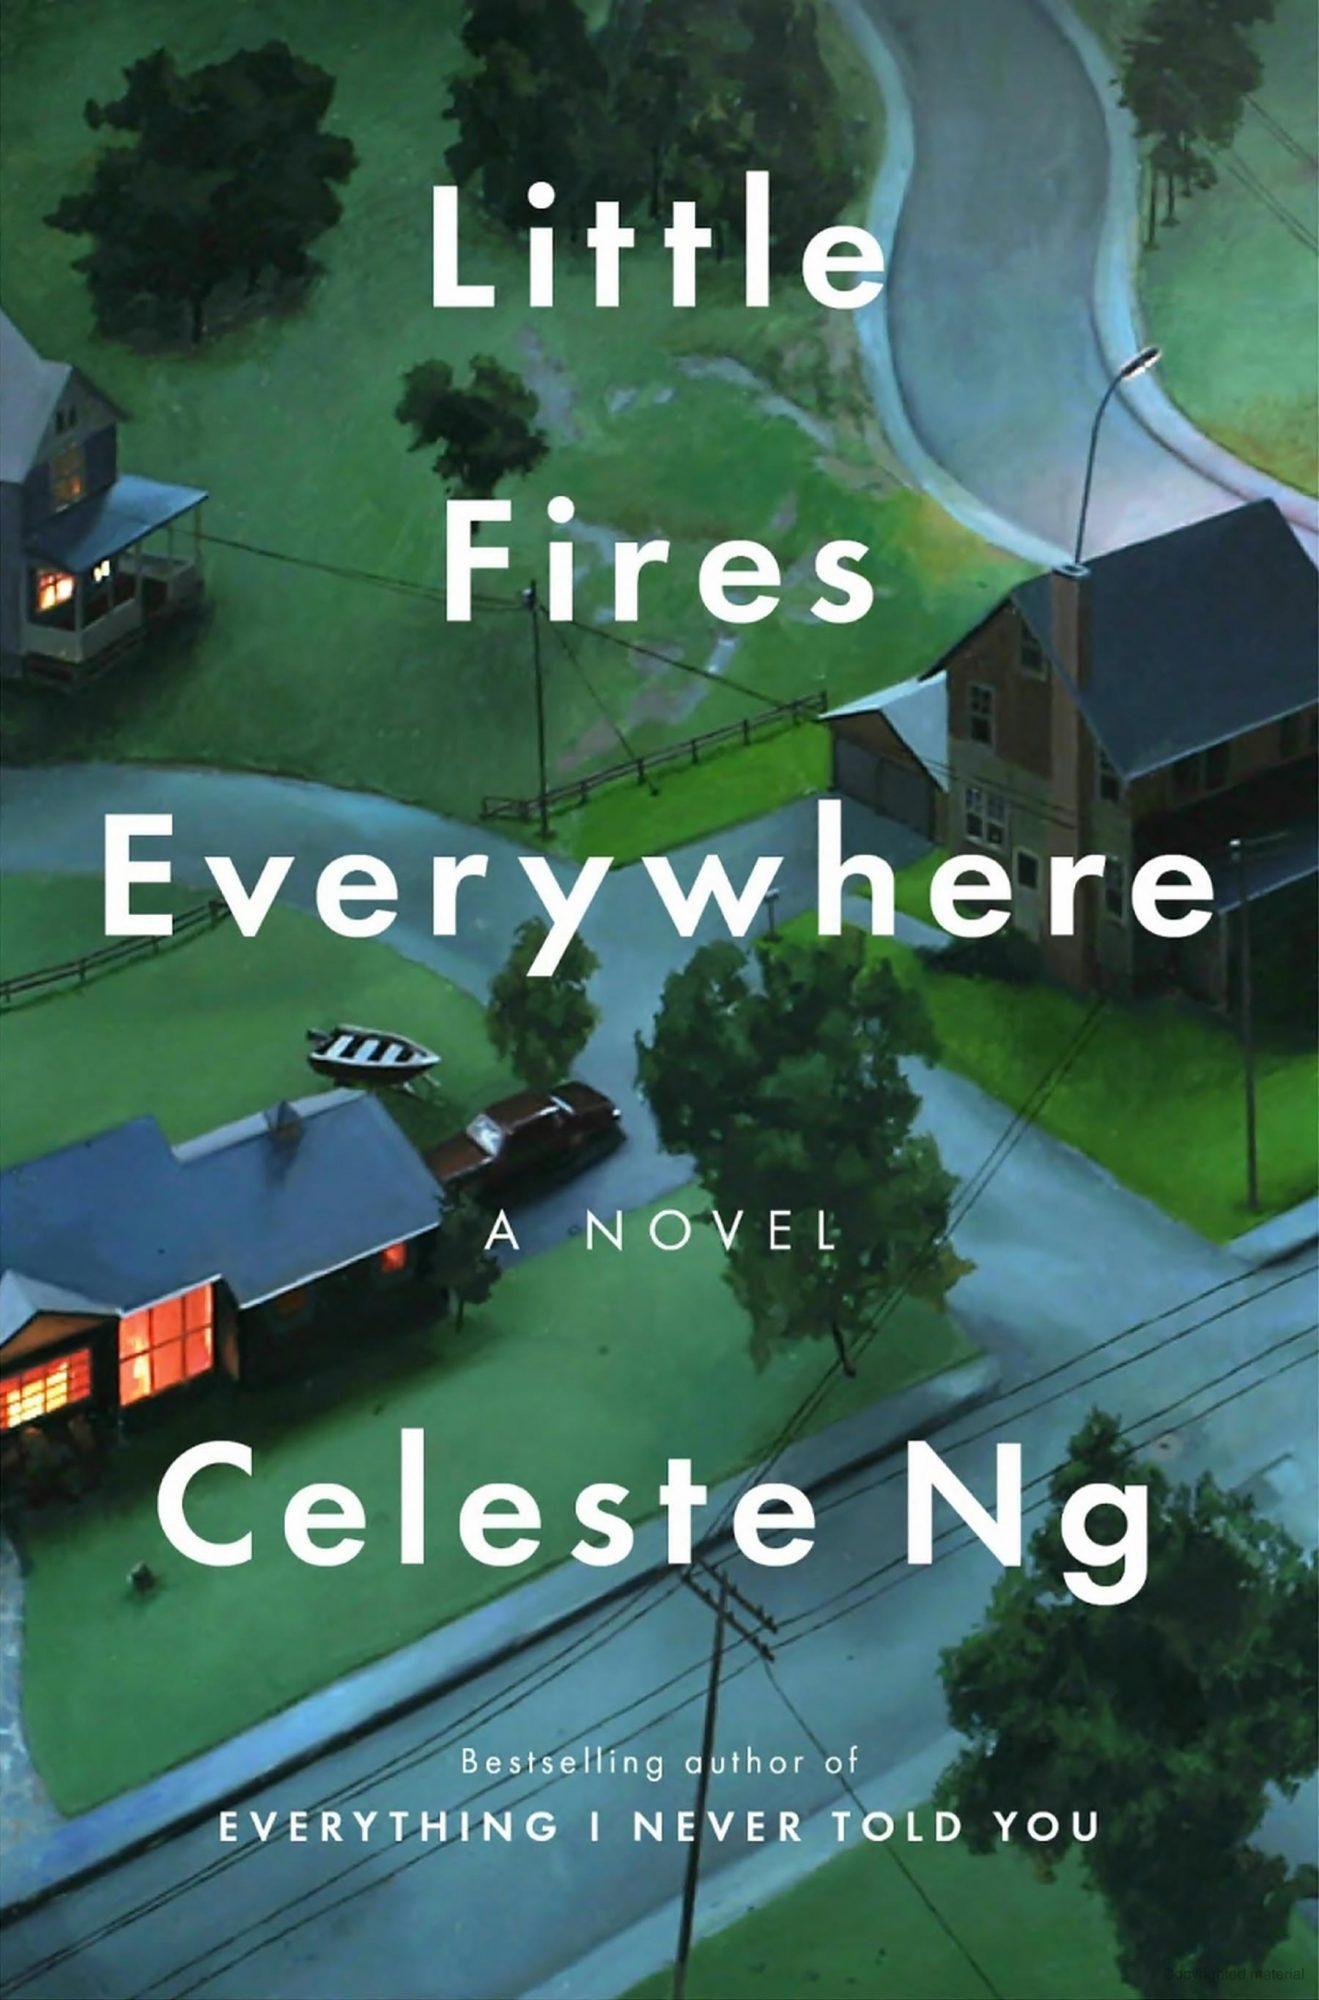 Celeste Ng, Little Fires Everywhere CR: Penguin